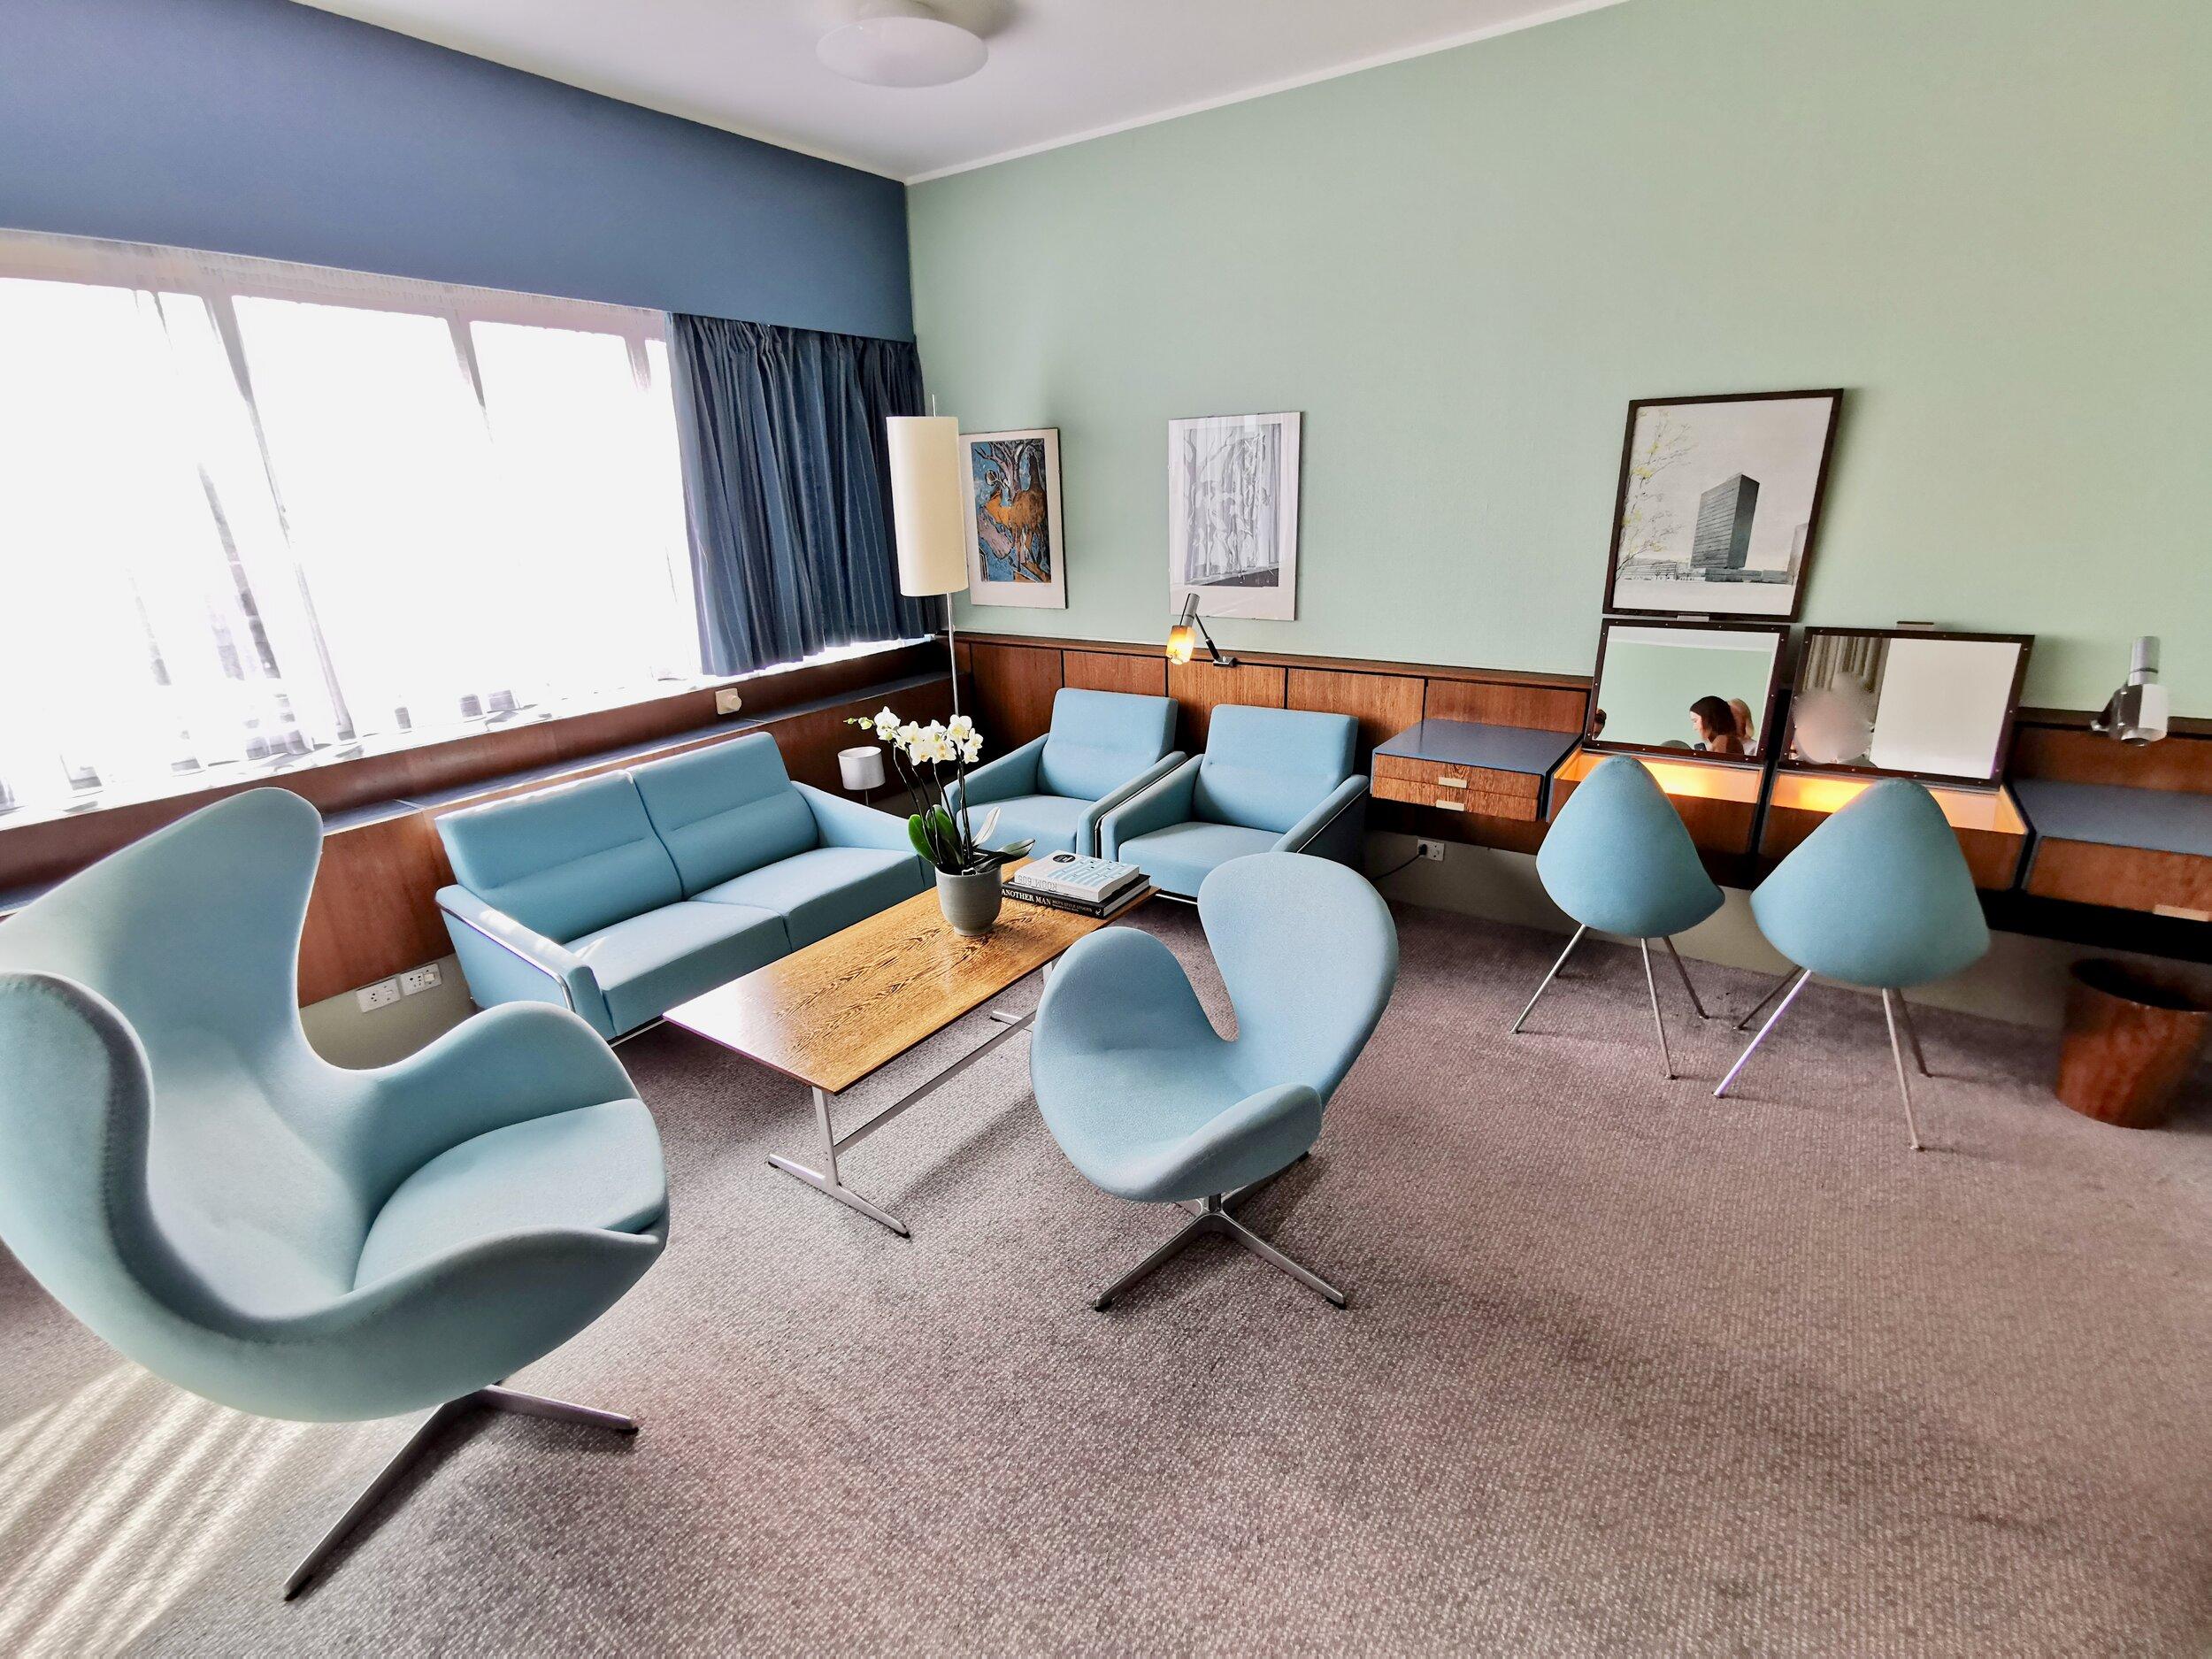 Slike møbler finner du ikke maken til på noen andre hotellrom. Foto: Odd Roar Lange